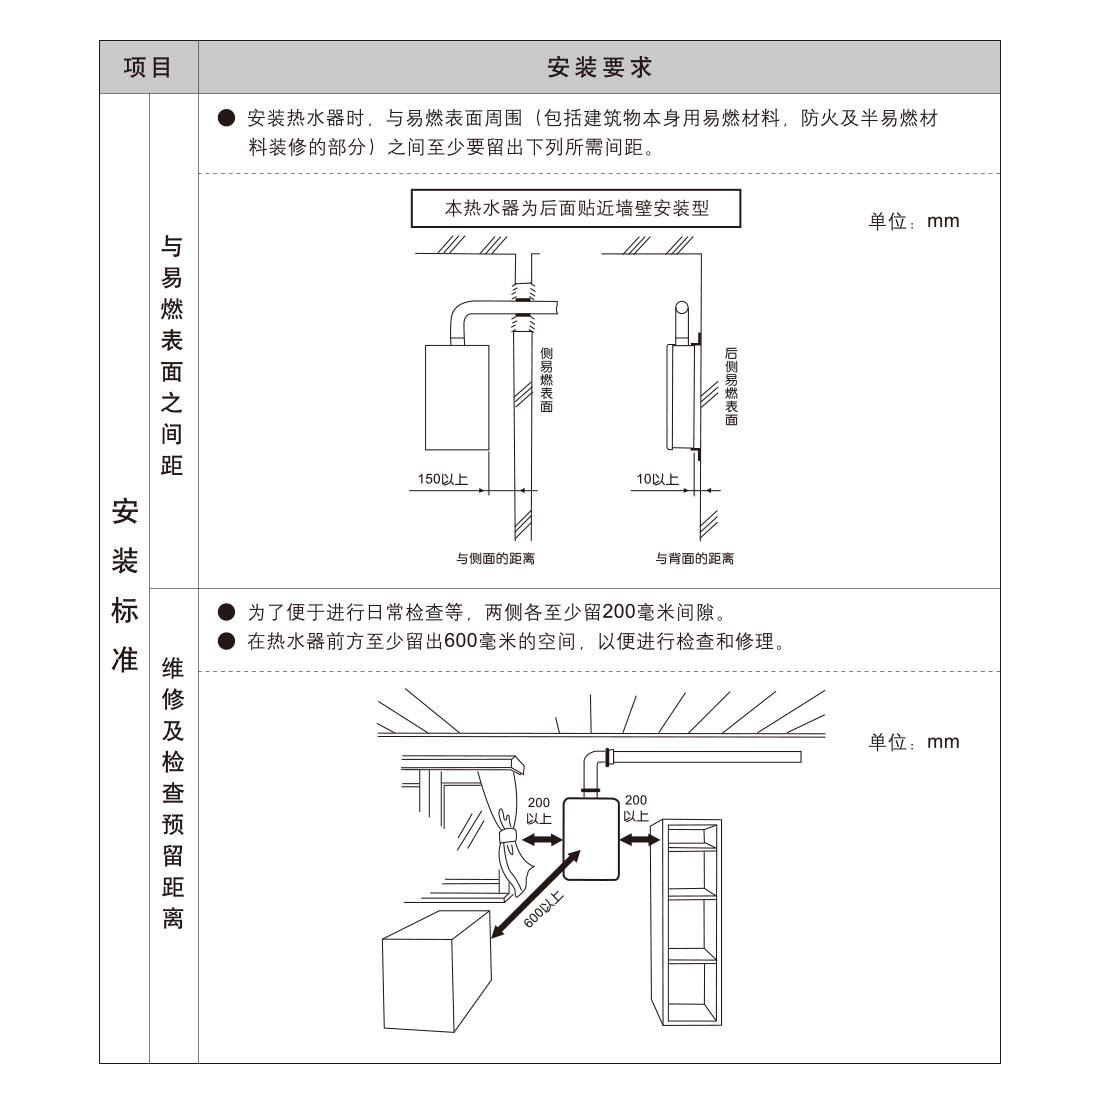 方太JSQ25-1505S安装示意图